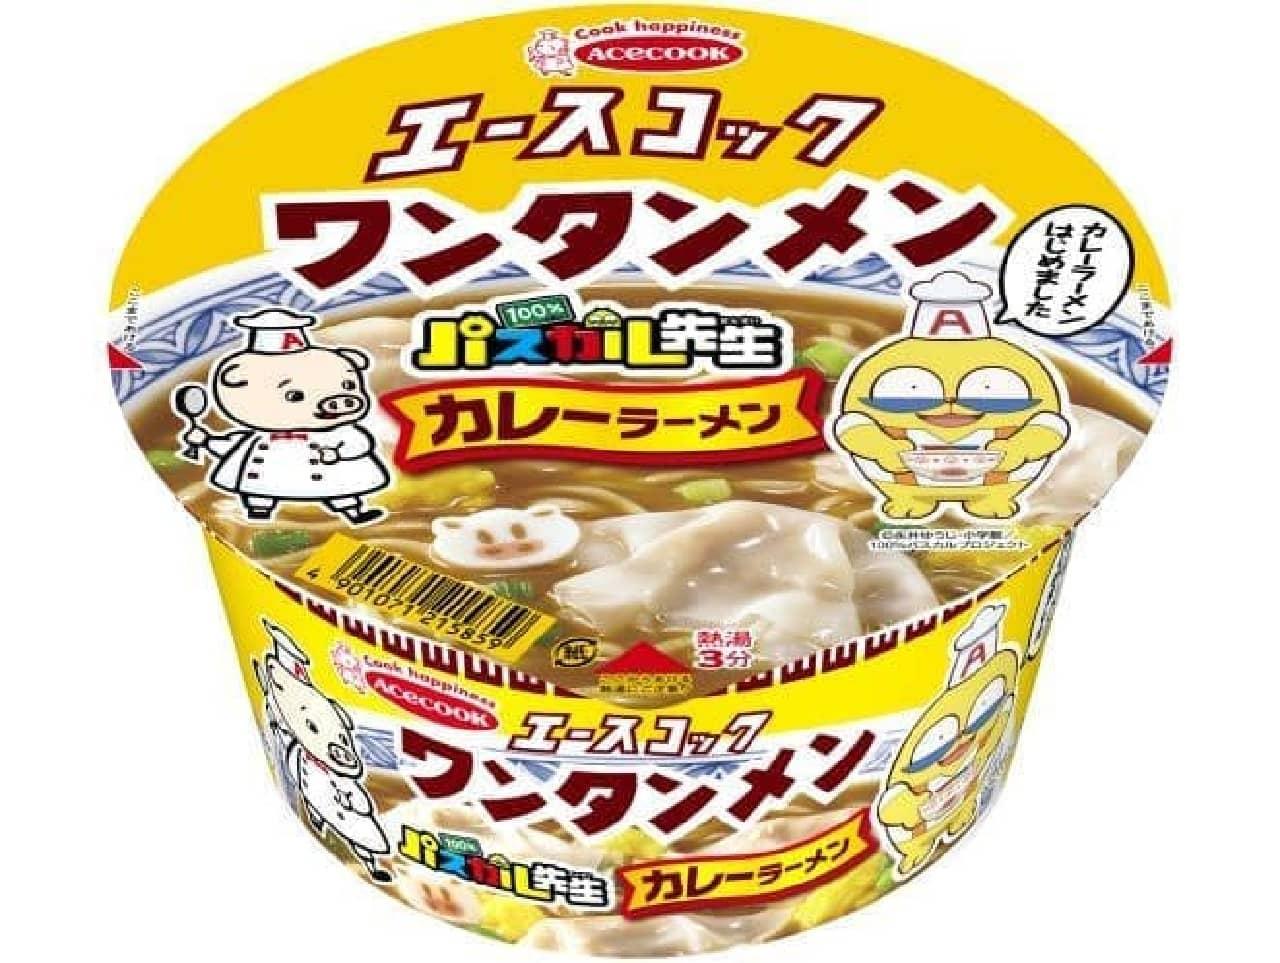 「ワンタンメンどんぶり カレーラーメン」は、『コロコロコミック』で連載中の『100%パスカル先生』とコラボレーションしたカップ麺